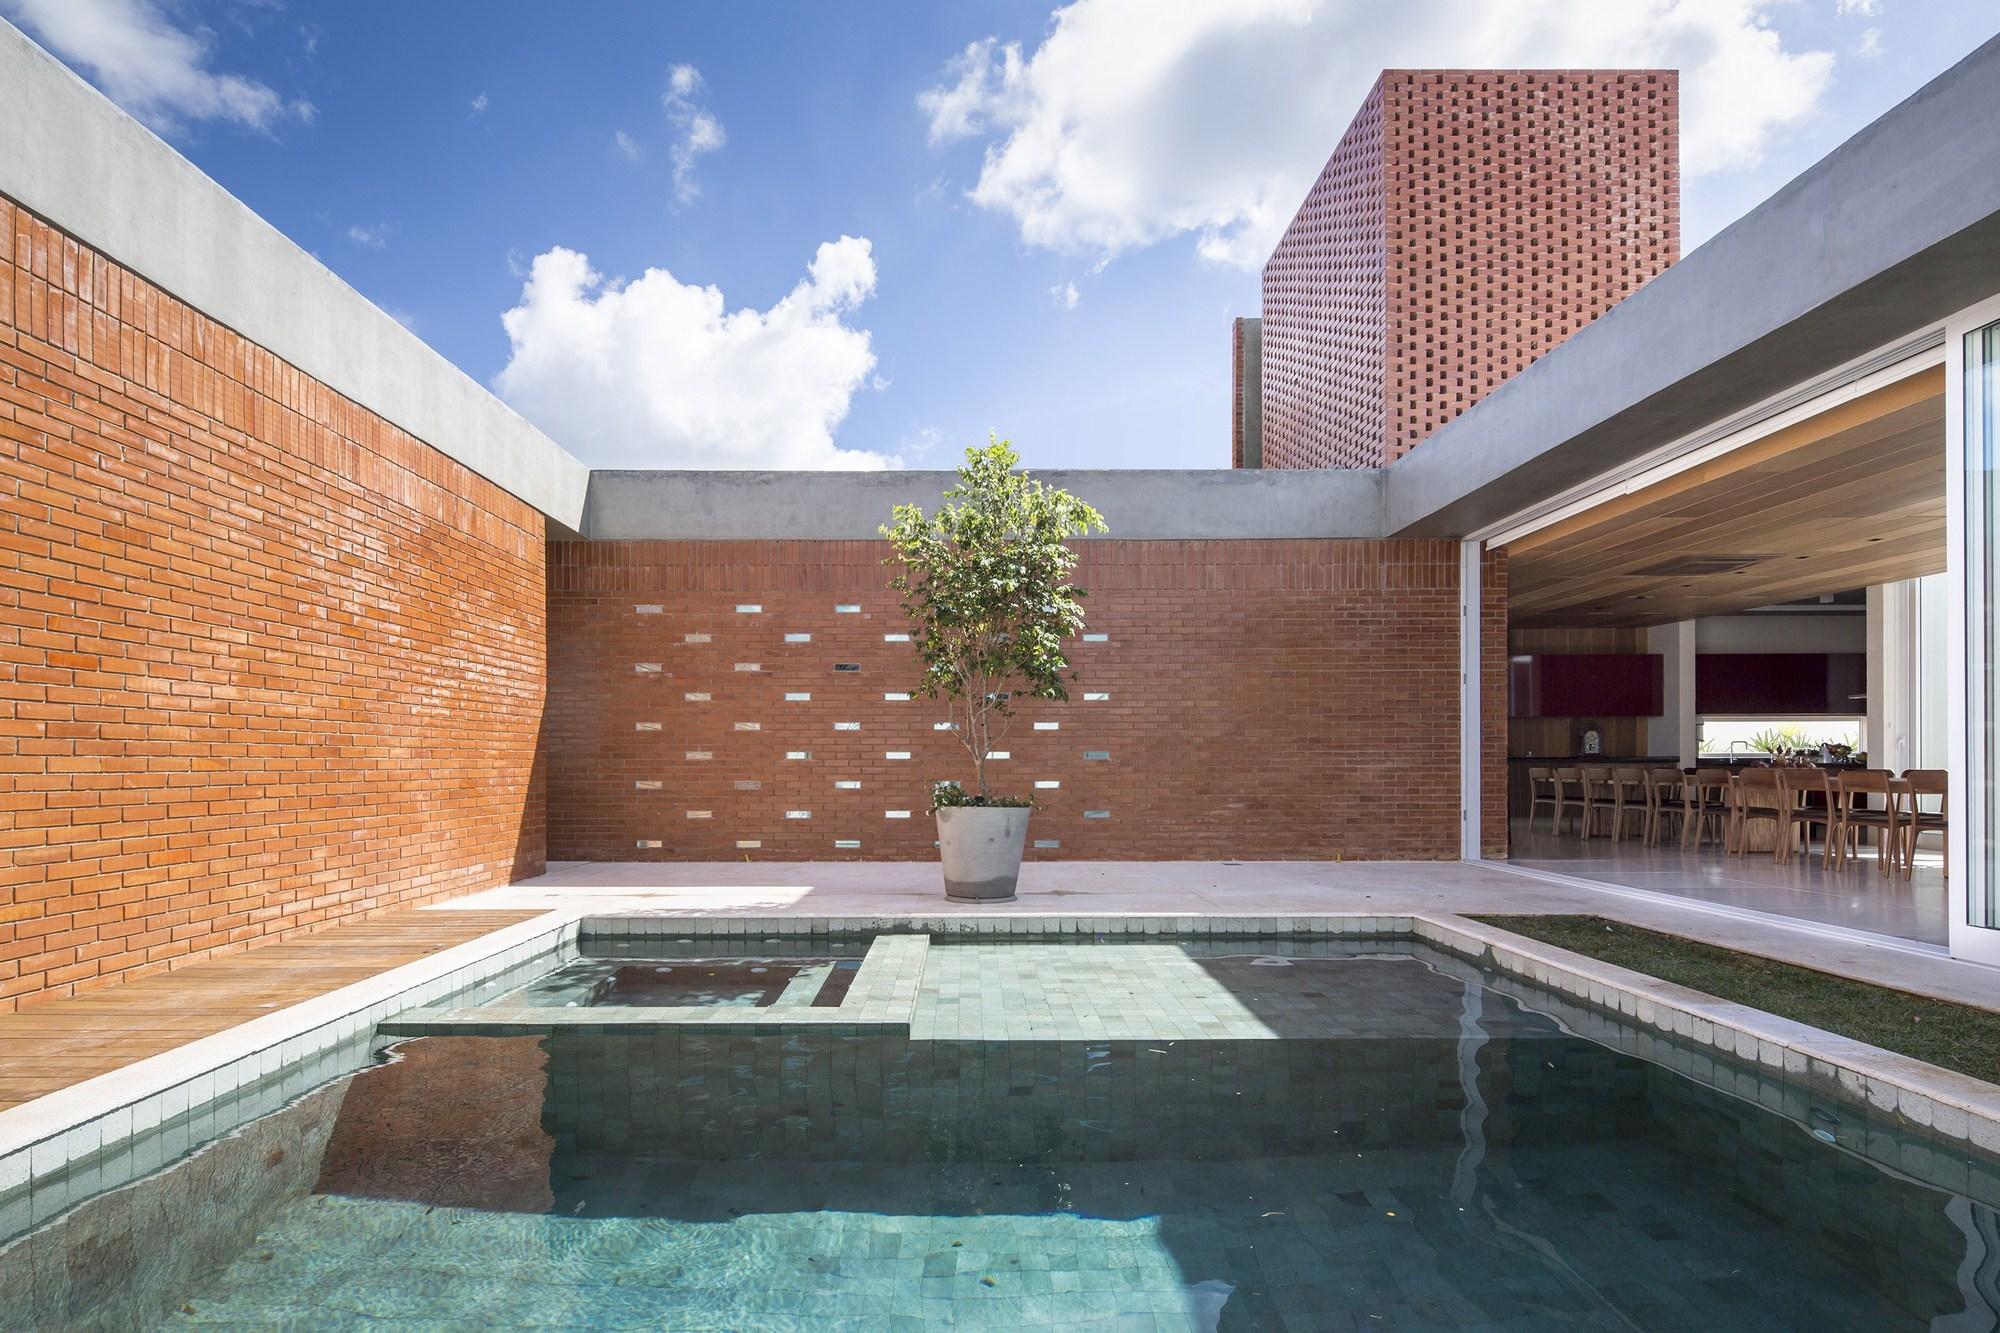 Casa malva bloco arquitetos archdaily brasil for Plataforma arquitectura